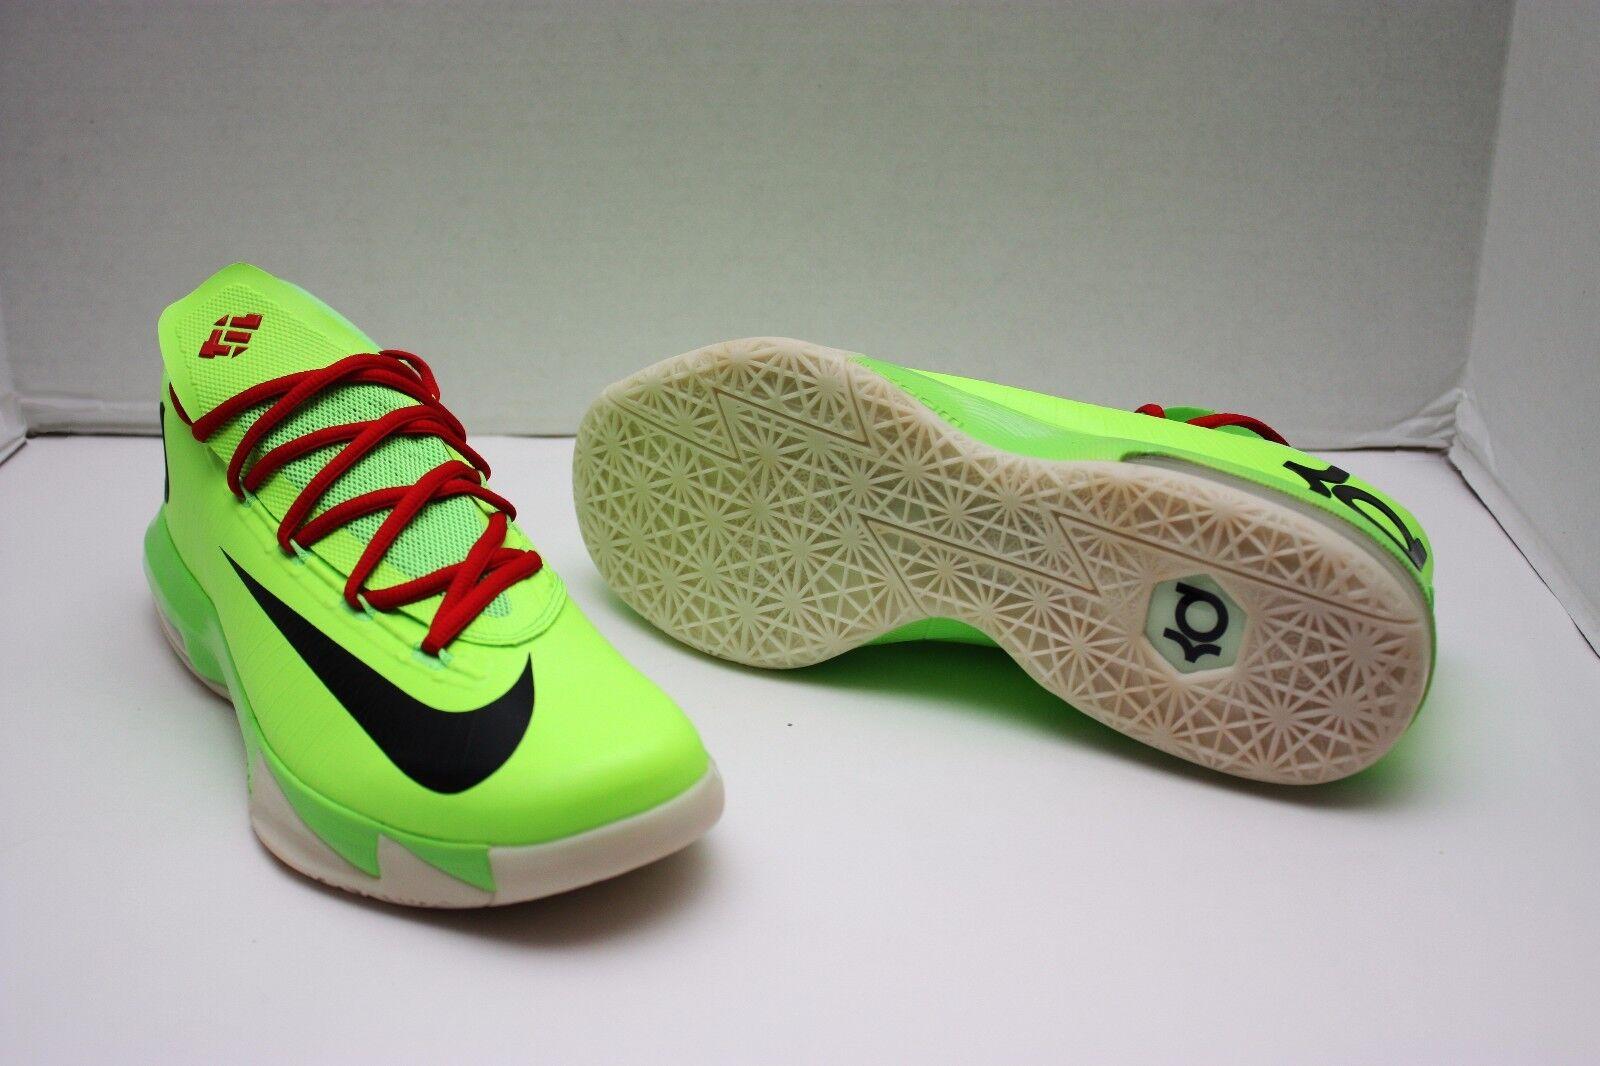 sale retailer c190d c35e6 ... Nike air max grey 270 uomini ah8050-012 grey max volt delle scarpe da  corsa ...